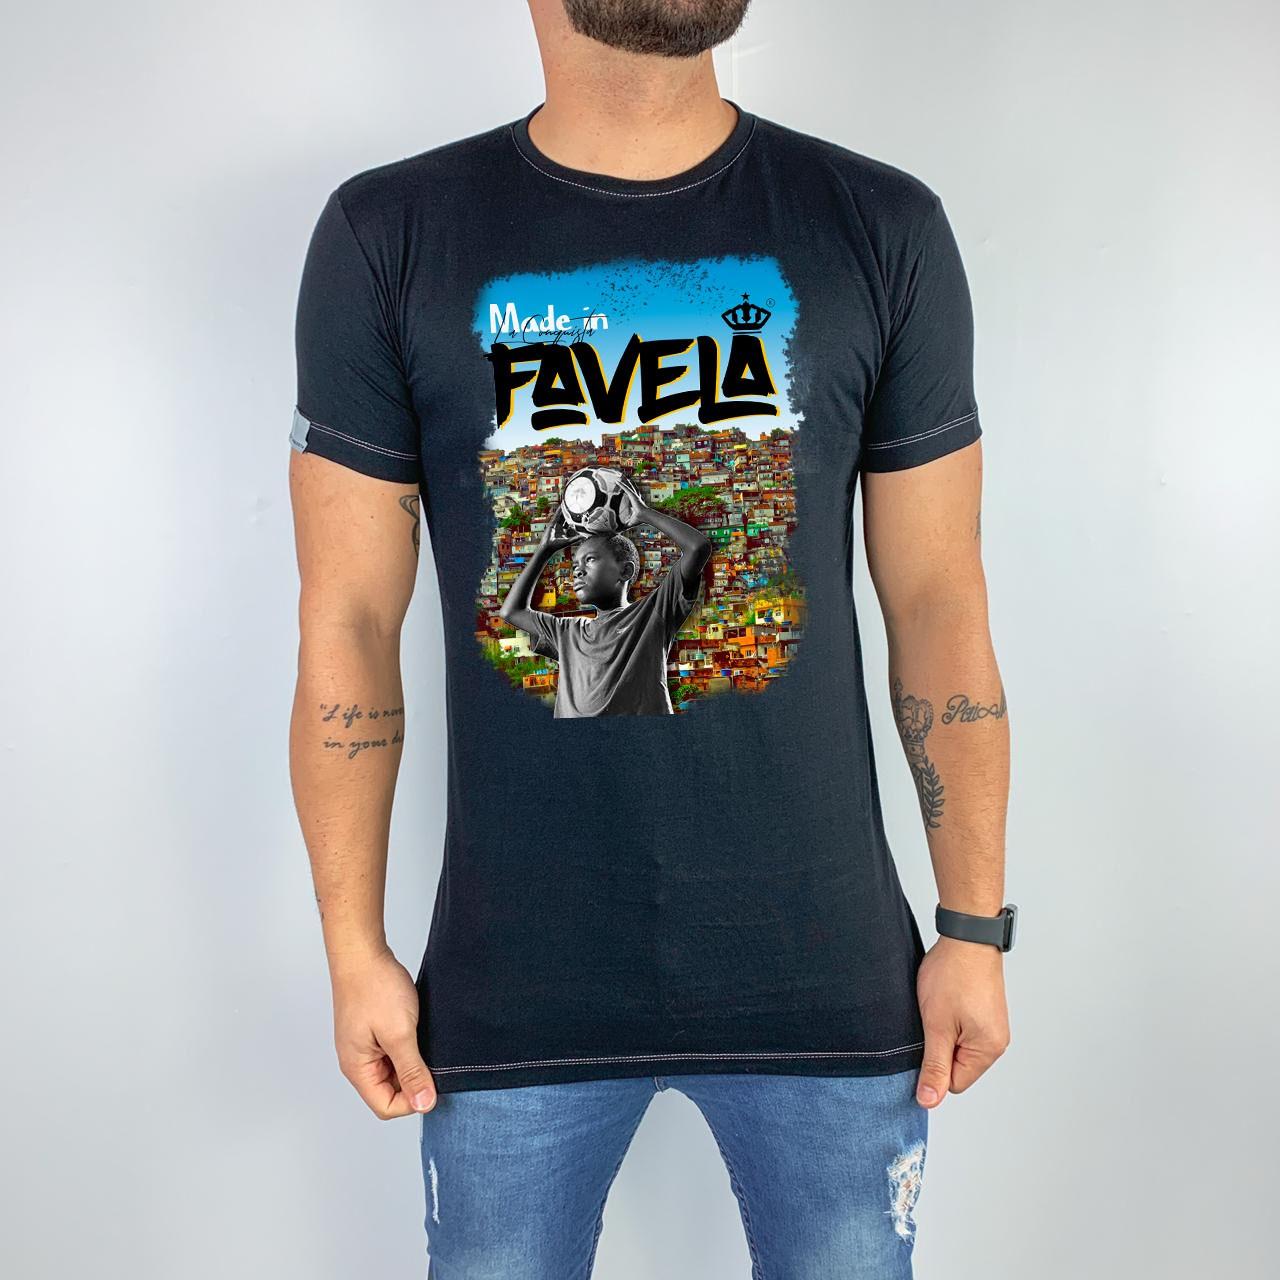 Camiseta Made in favela - Nego Ney